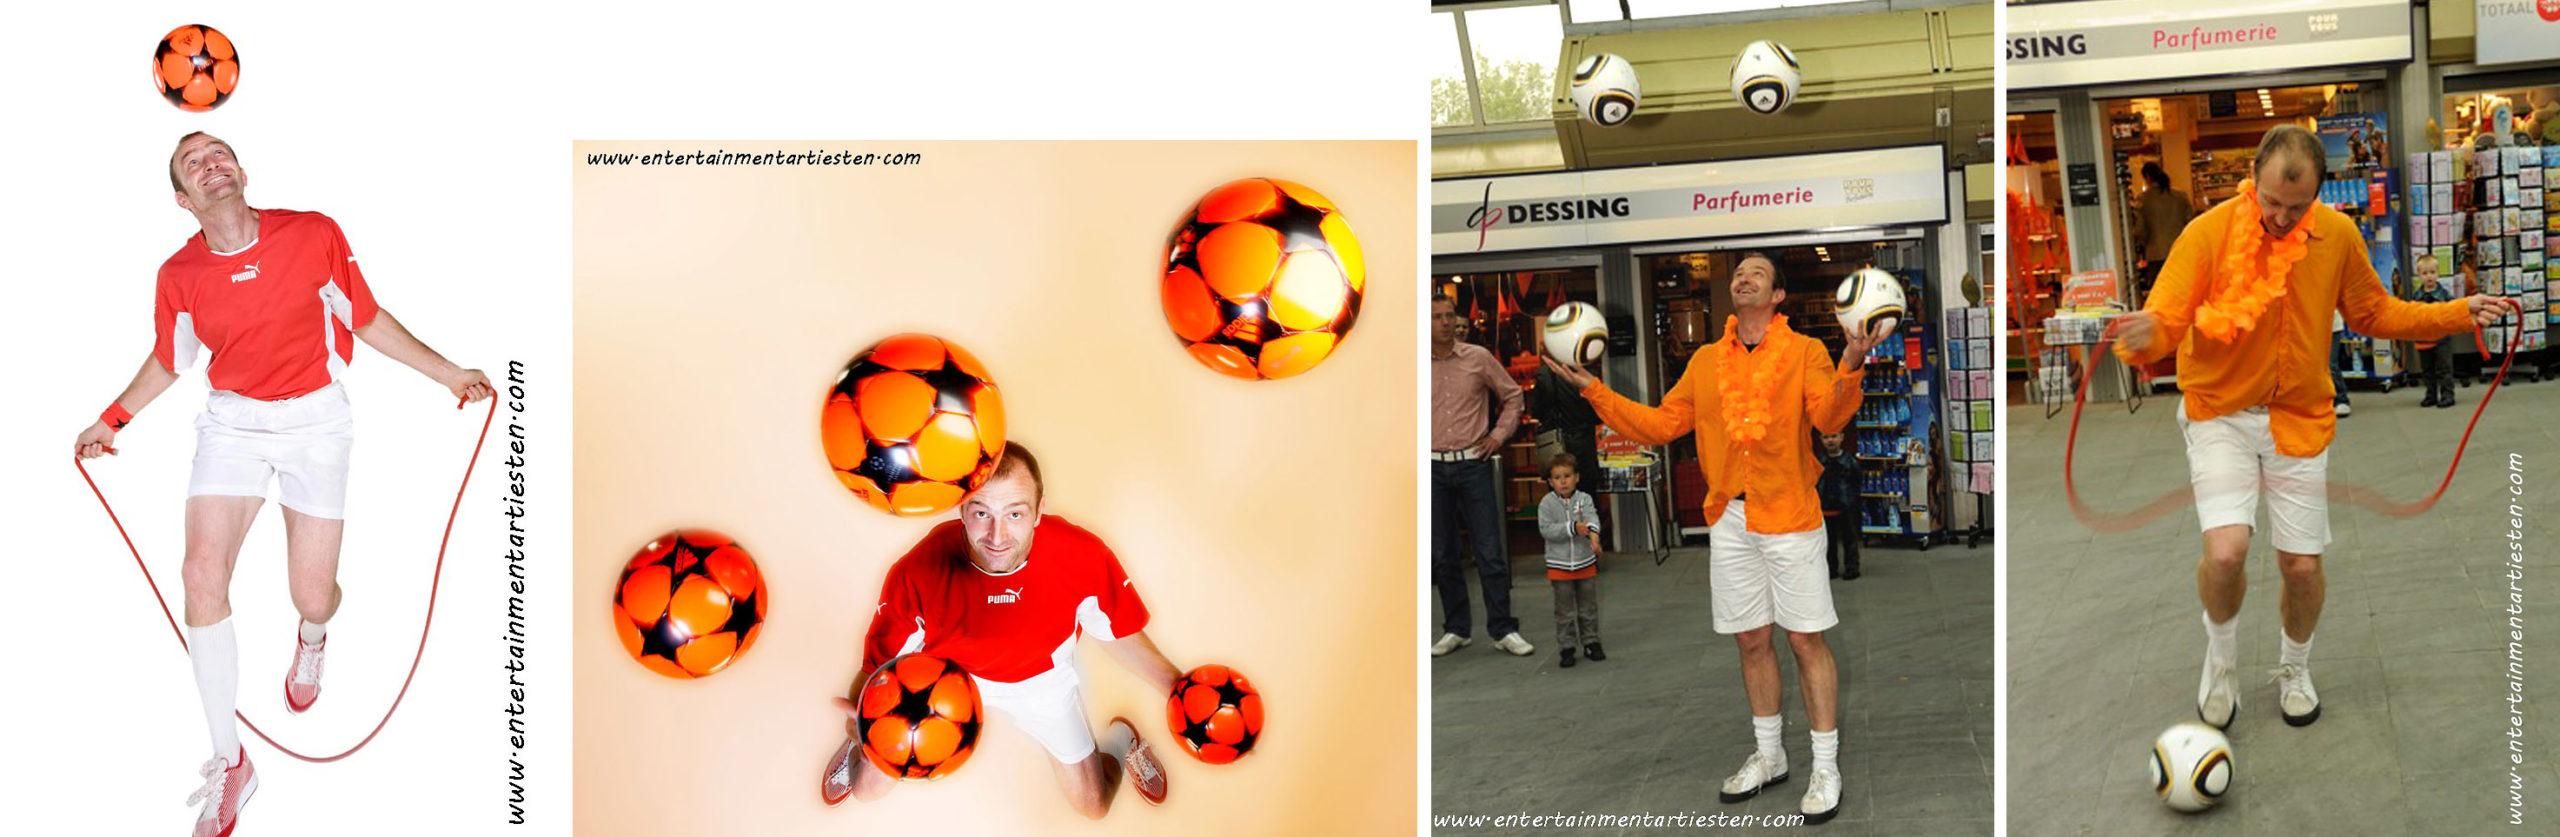 De voetbaljongleur zorgt voor voetbalentertainment tijdens winkelcentrum promotie, straattheater, jongleren met voetbal, voetbal entertainment, artiesten boeken, Govers Evenementen, www.goversartiesten.nl